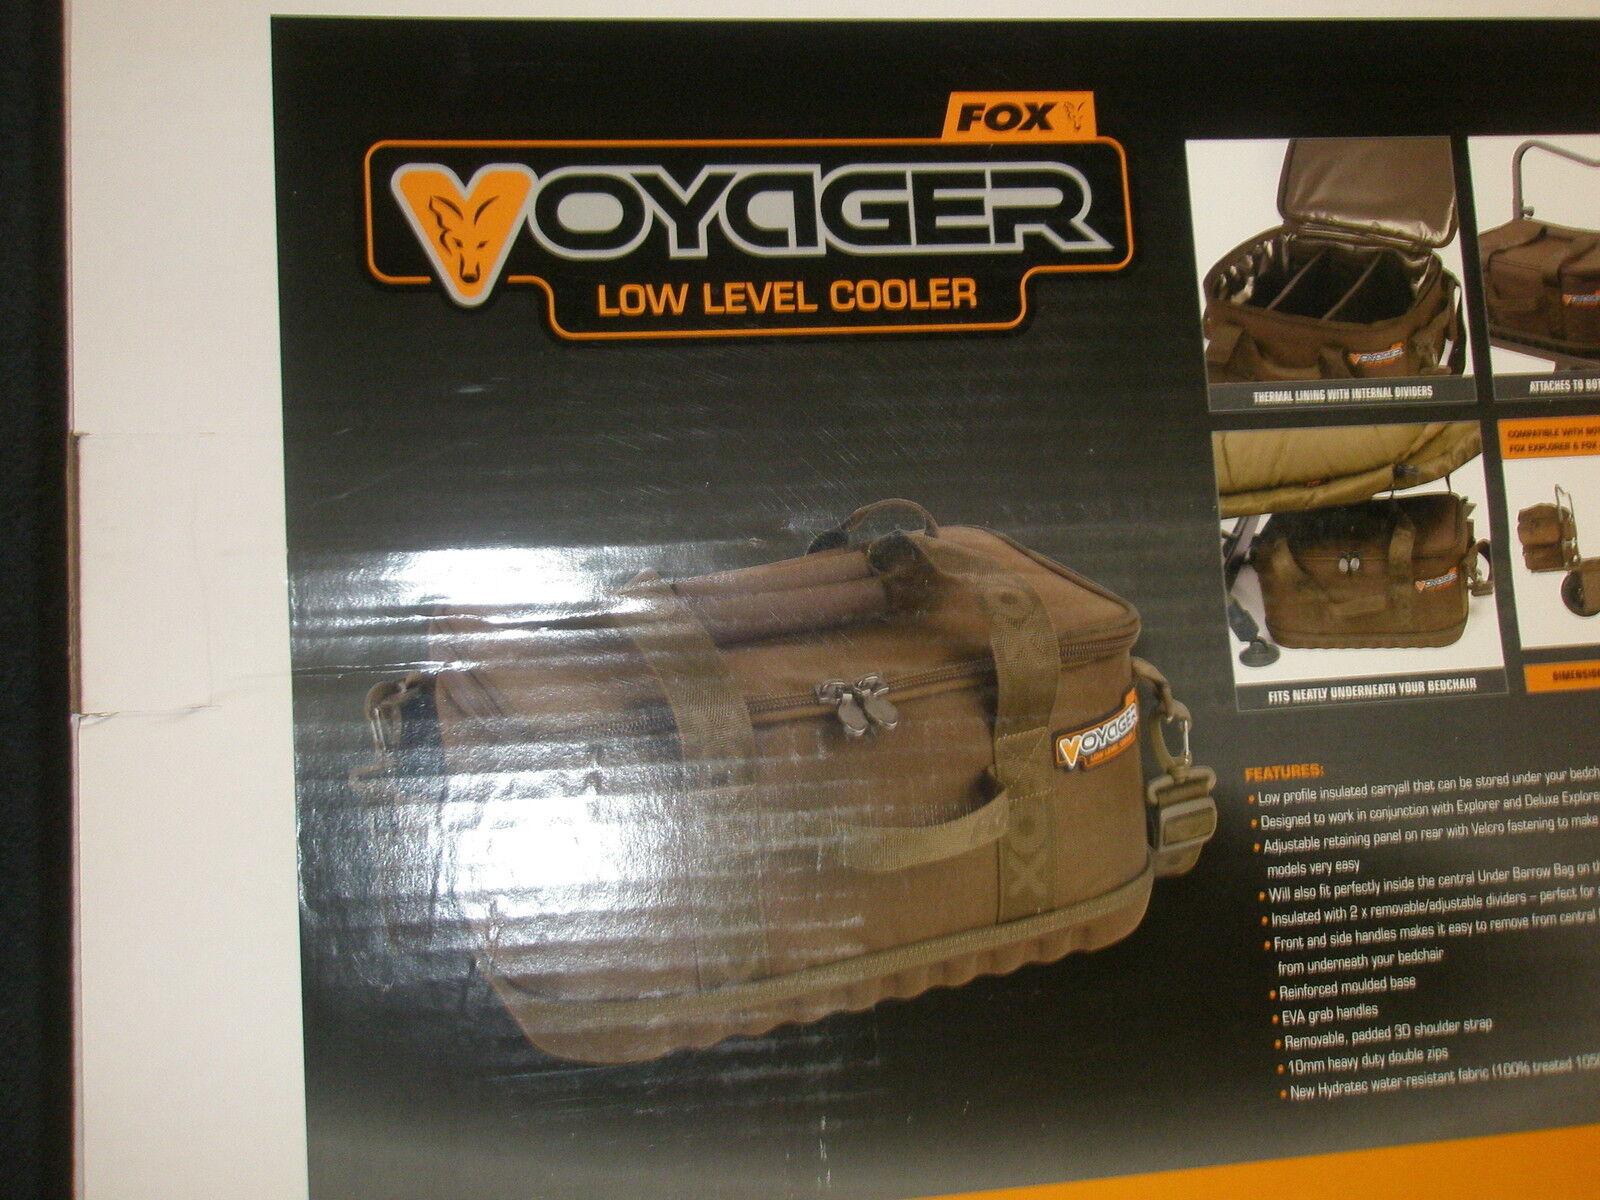 FOX VOYAGER basso livello Cooler borsa autop pesca Tackle